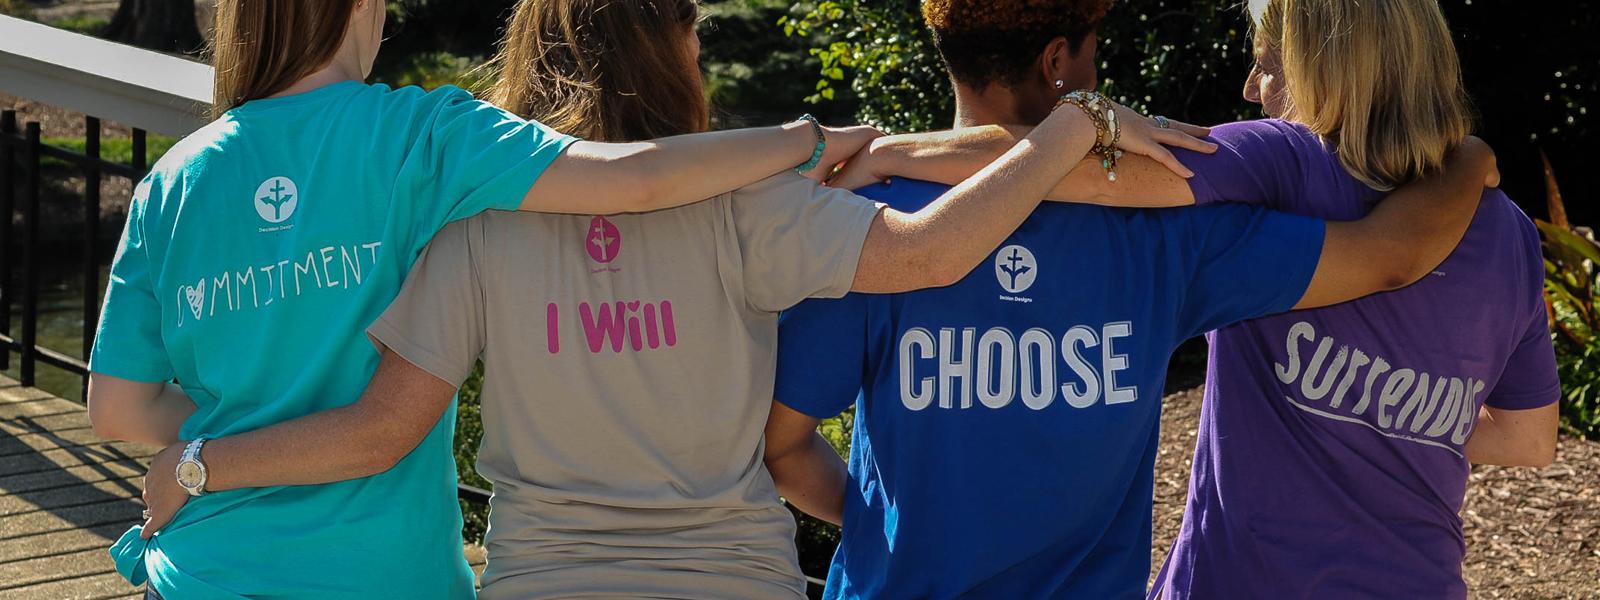 Commitment-IDo-Choose-Surrender-tshirt-backs